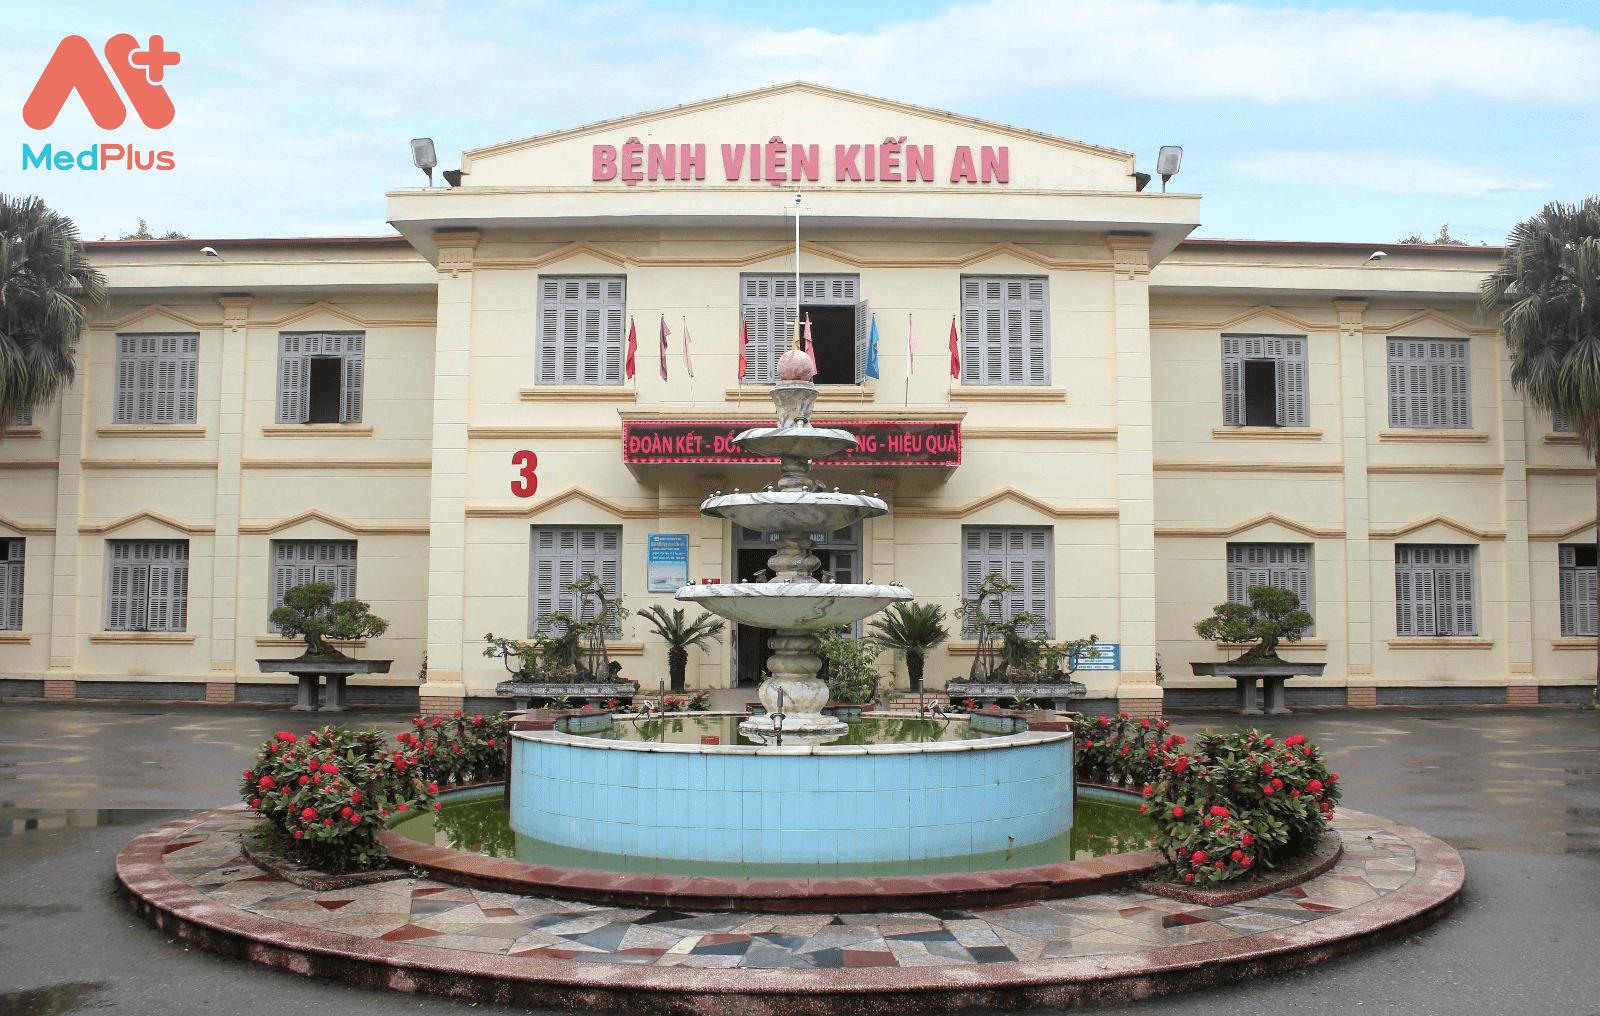 BV Kiến An